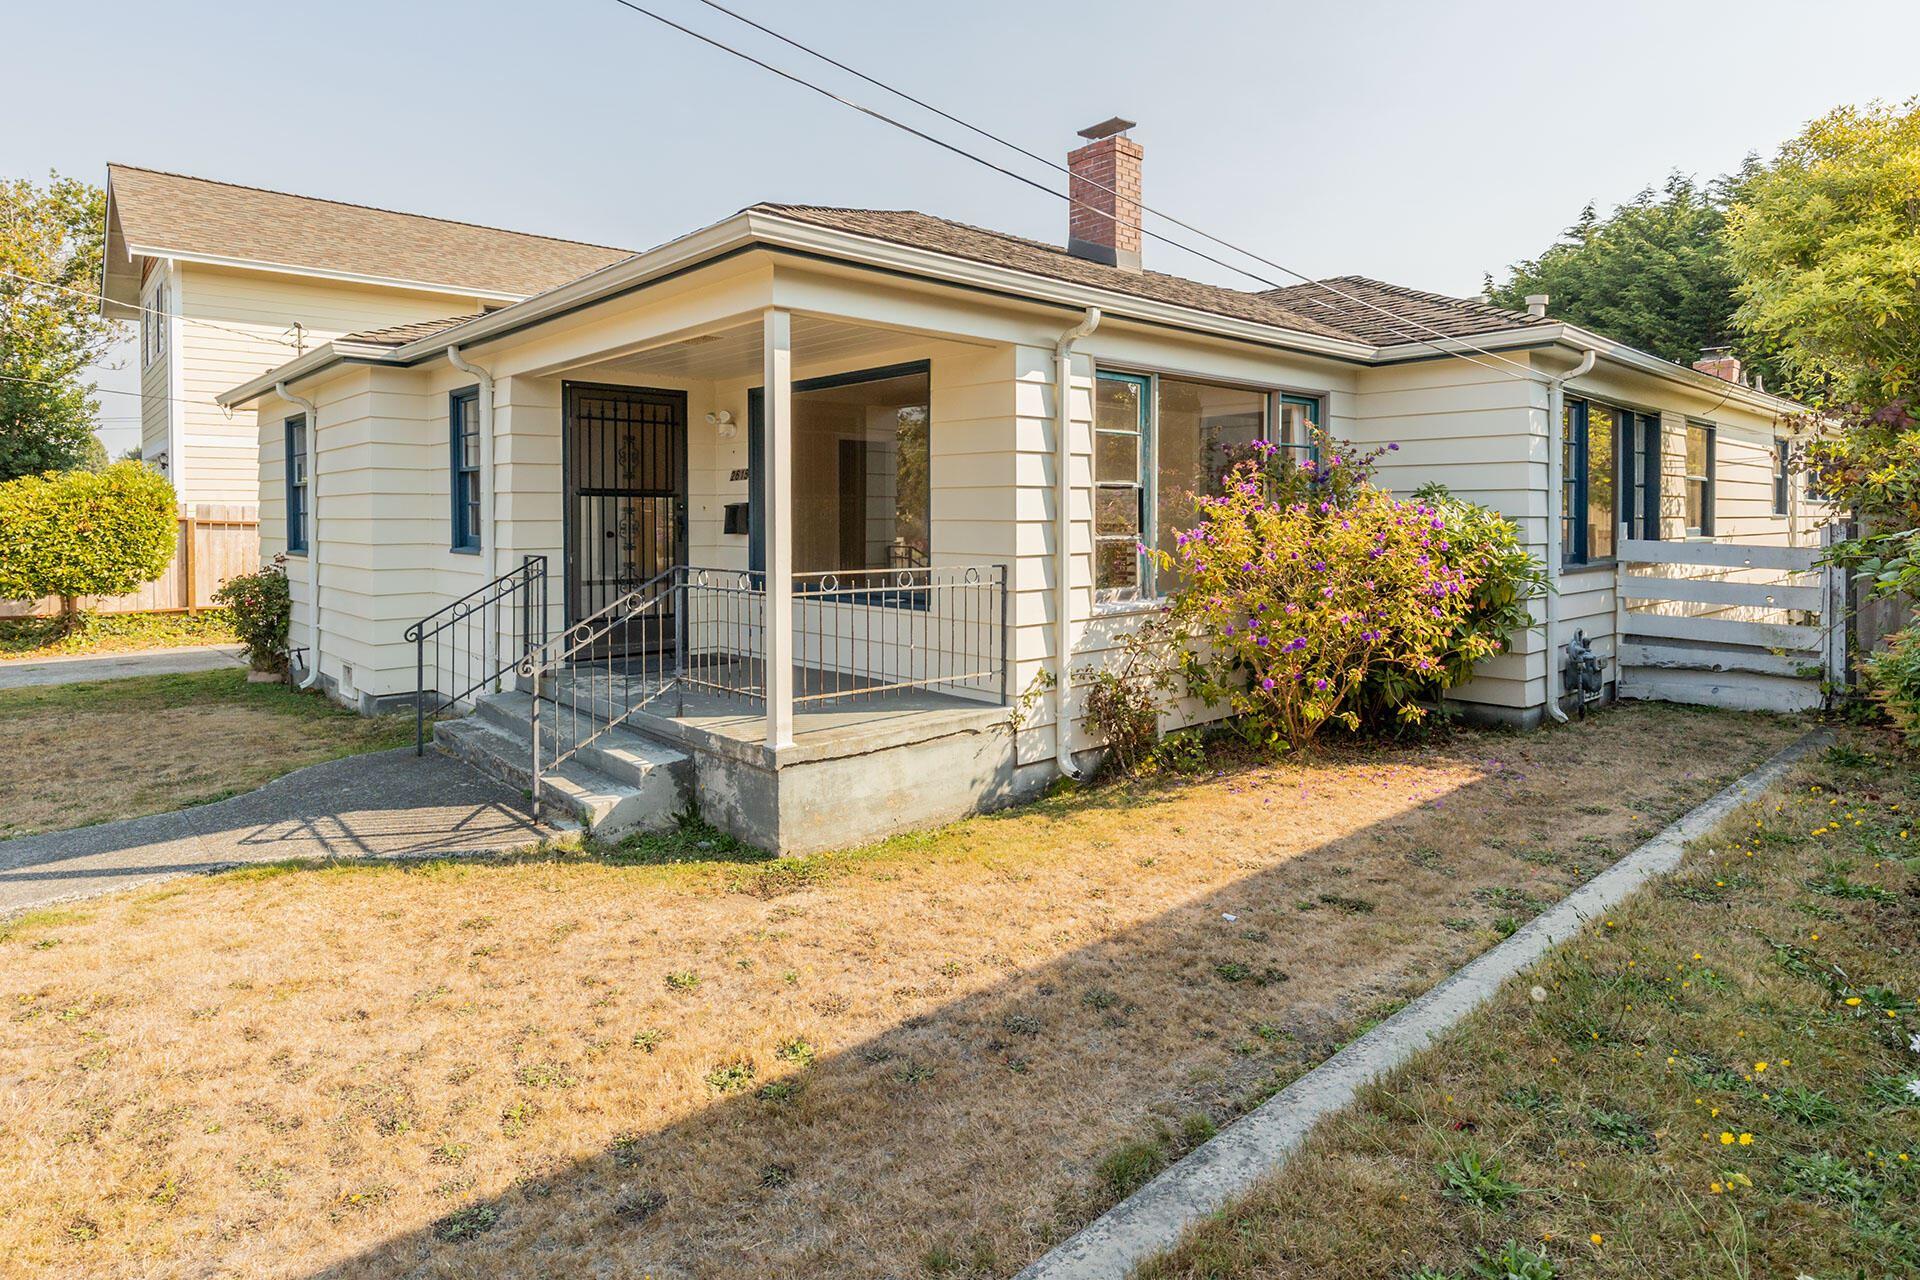 2615 N Street, Eureka, CA 95501 - MLS#: 260181